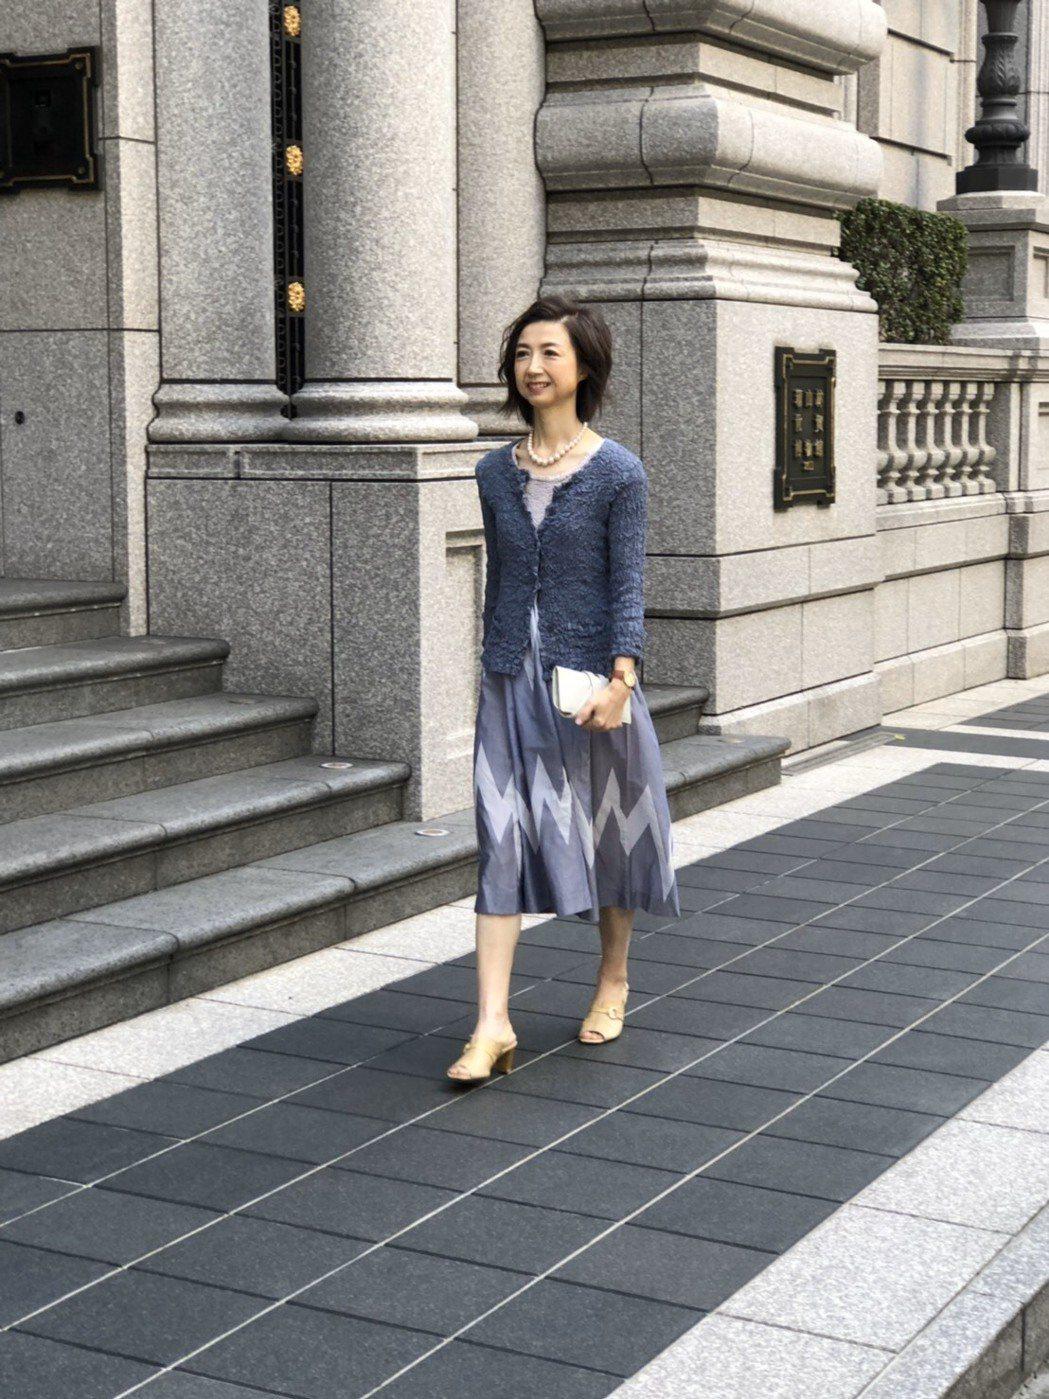 「接觸到模特兒是誤打誤撞」,吳沛穎說,因為自己喜歡時尚,當初看到文創公司的活動訊...